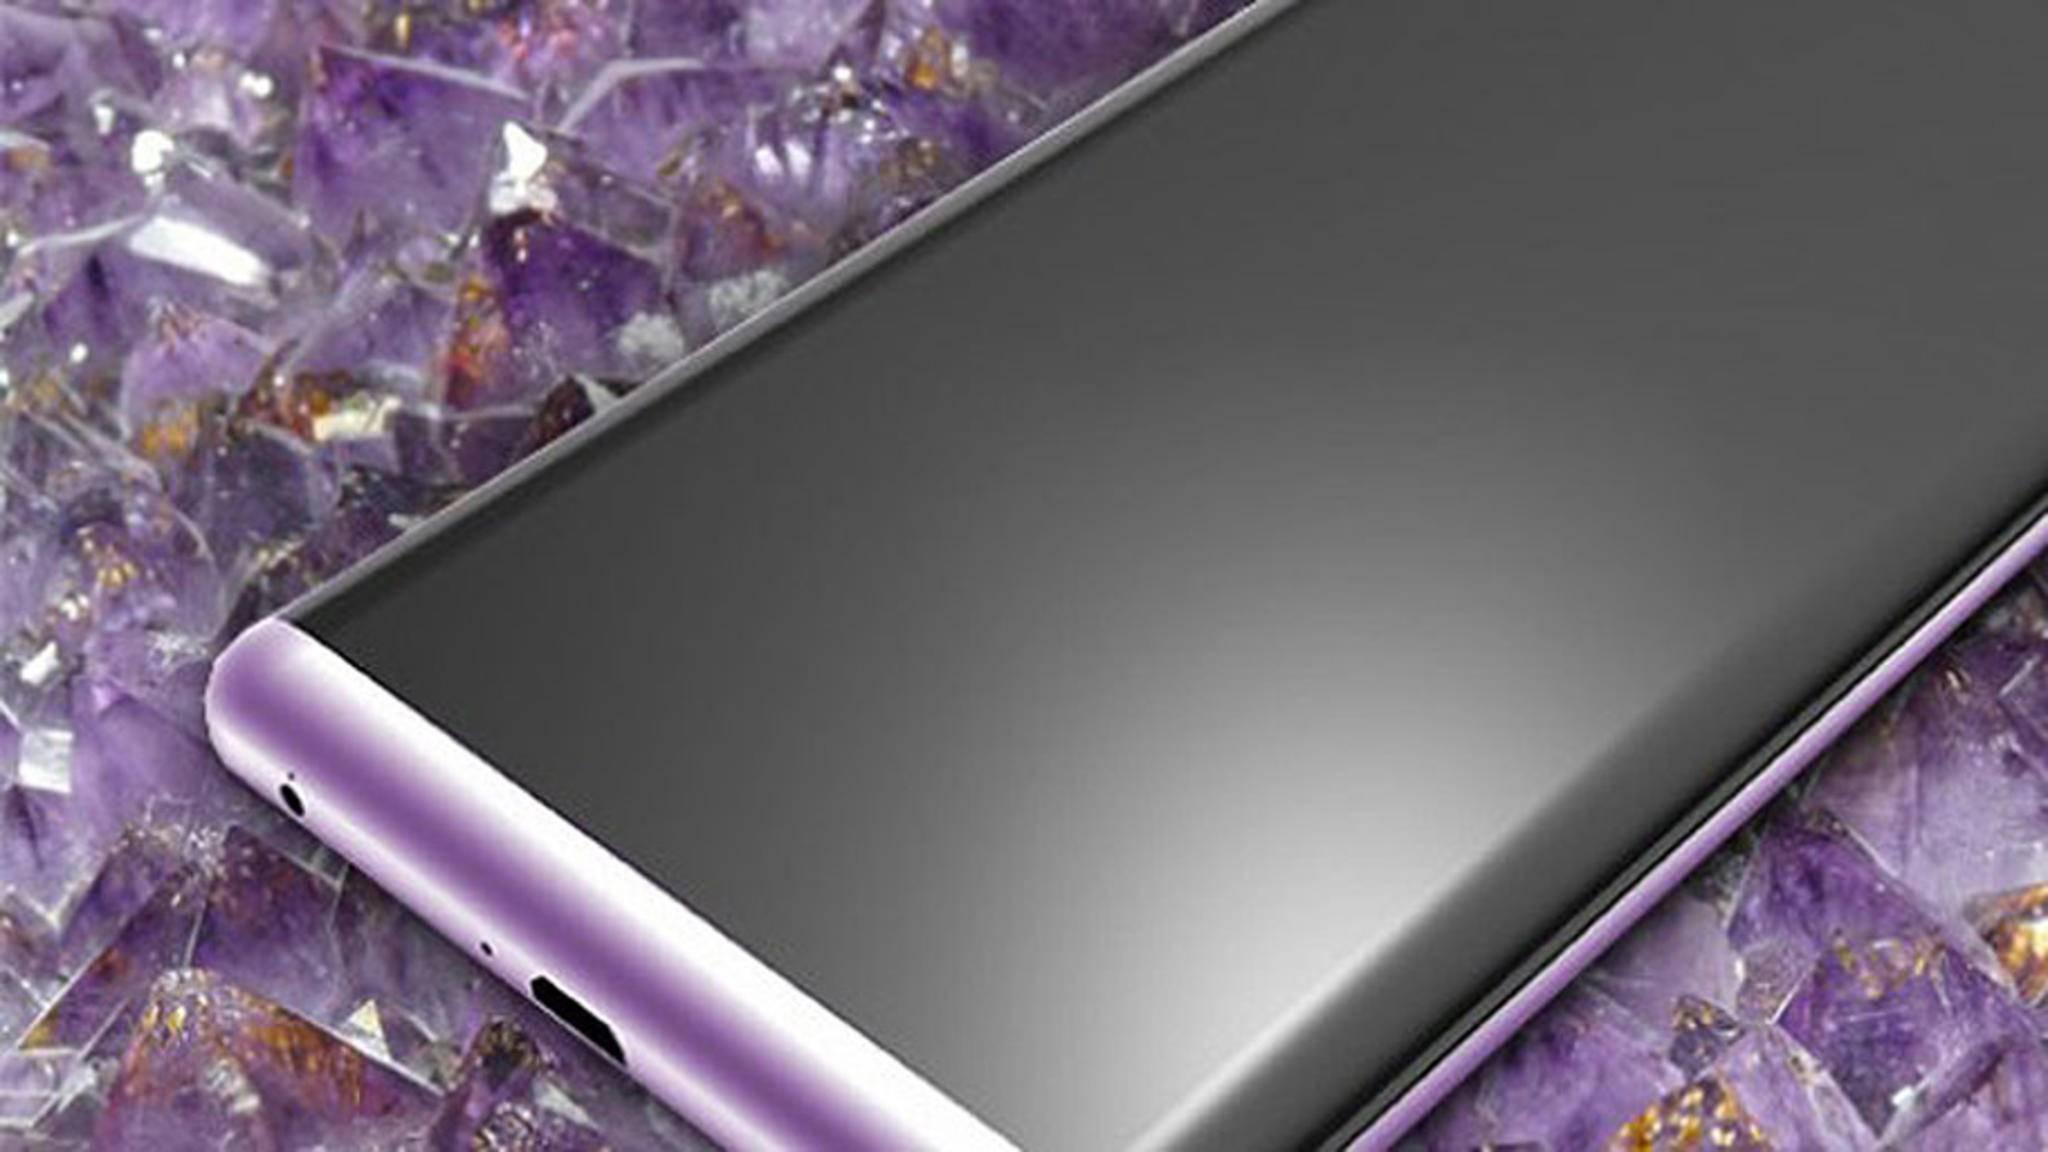 So könnte ein Galaxy S8 in Amethyst aussehen.